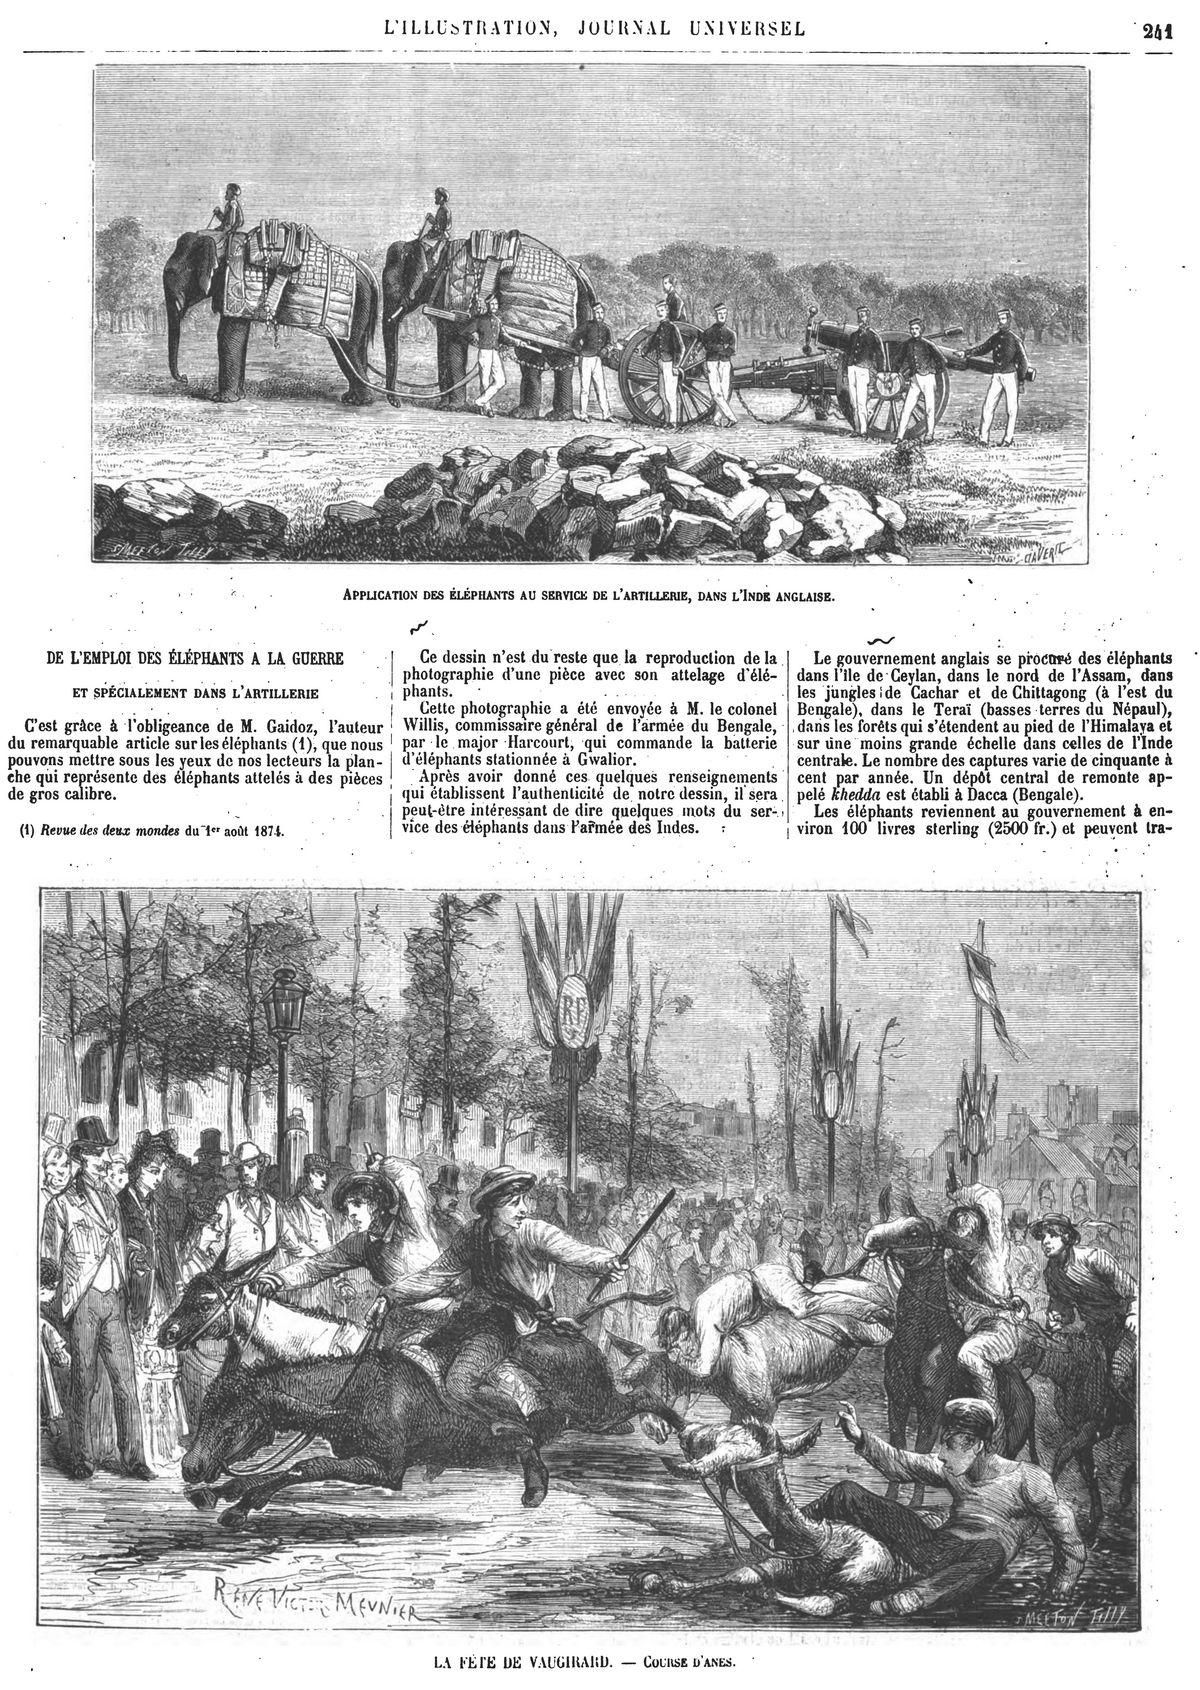 La fête de Vaugirard : course d'ânes. Gravure 1874